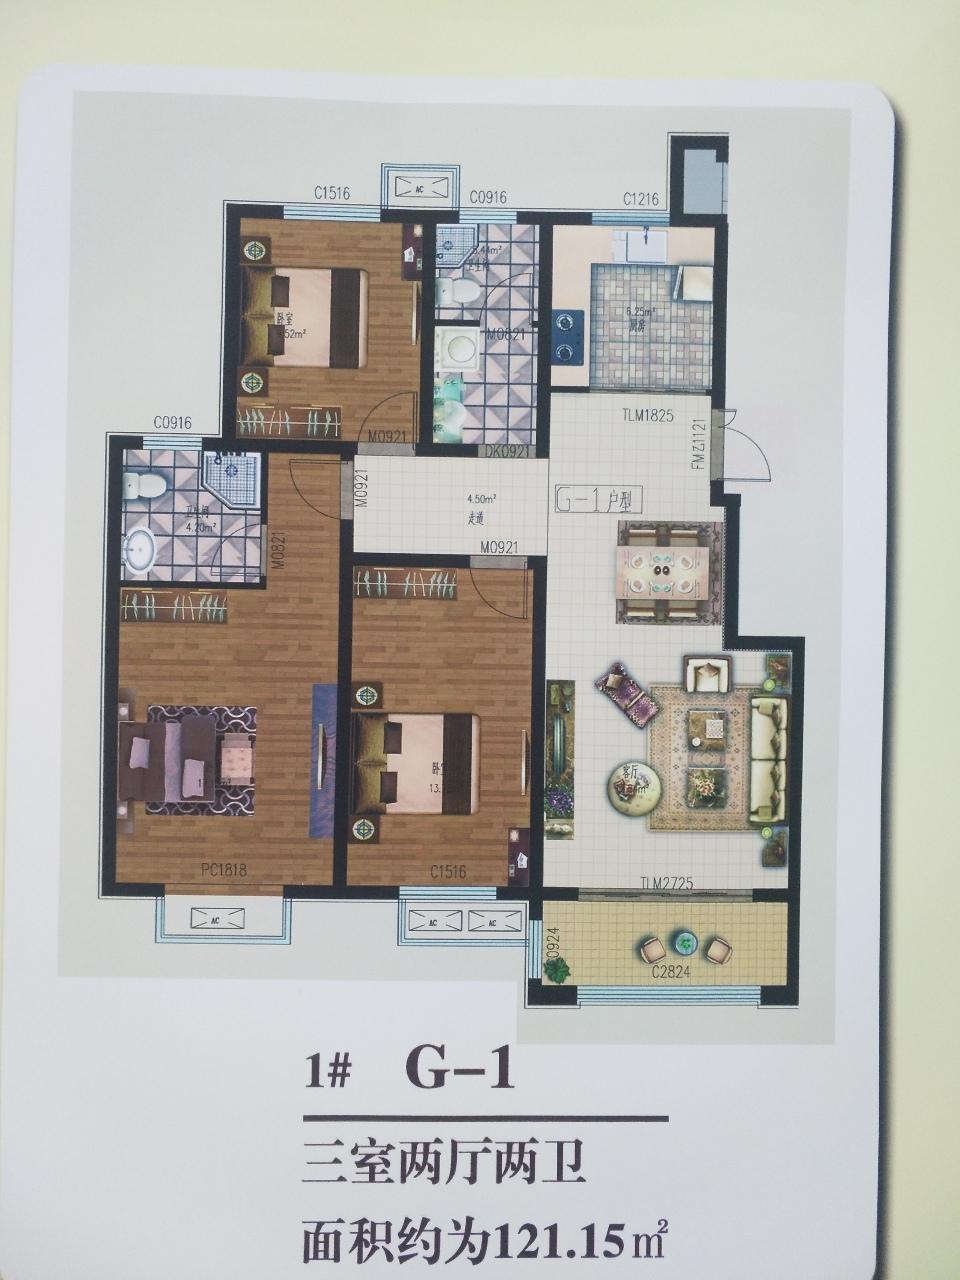 东湖春天35万元116平米,4楼,简装